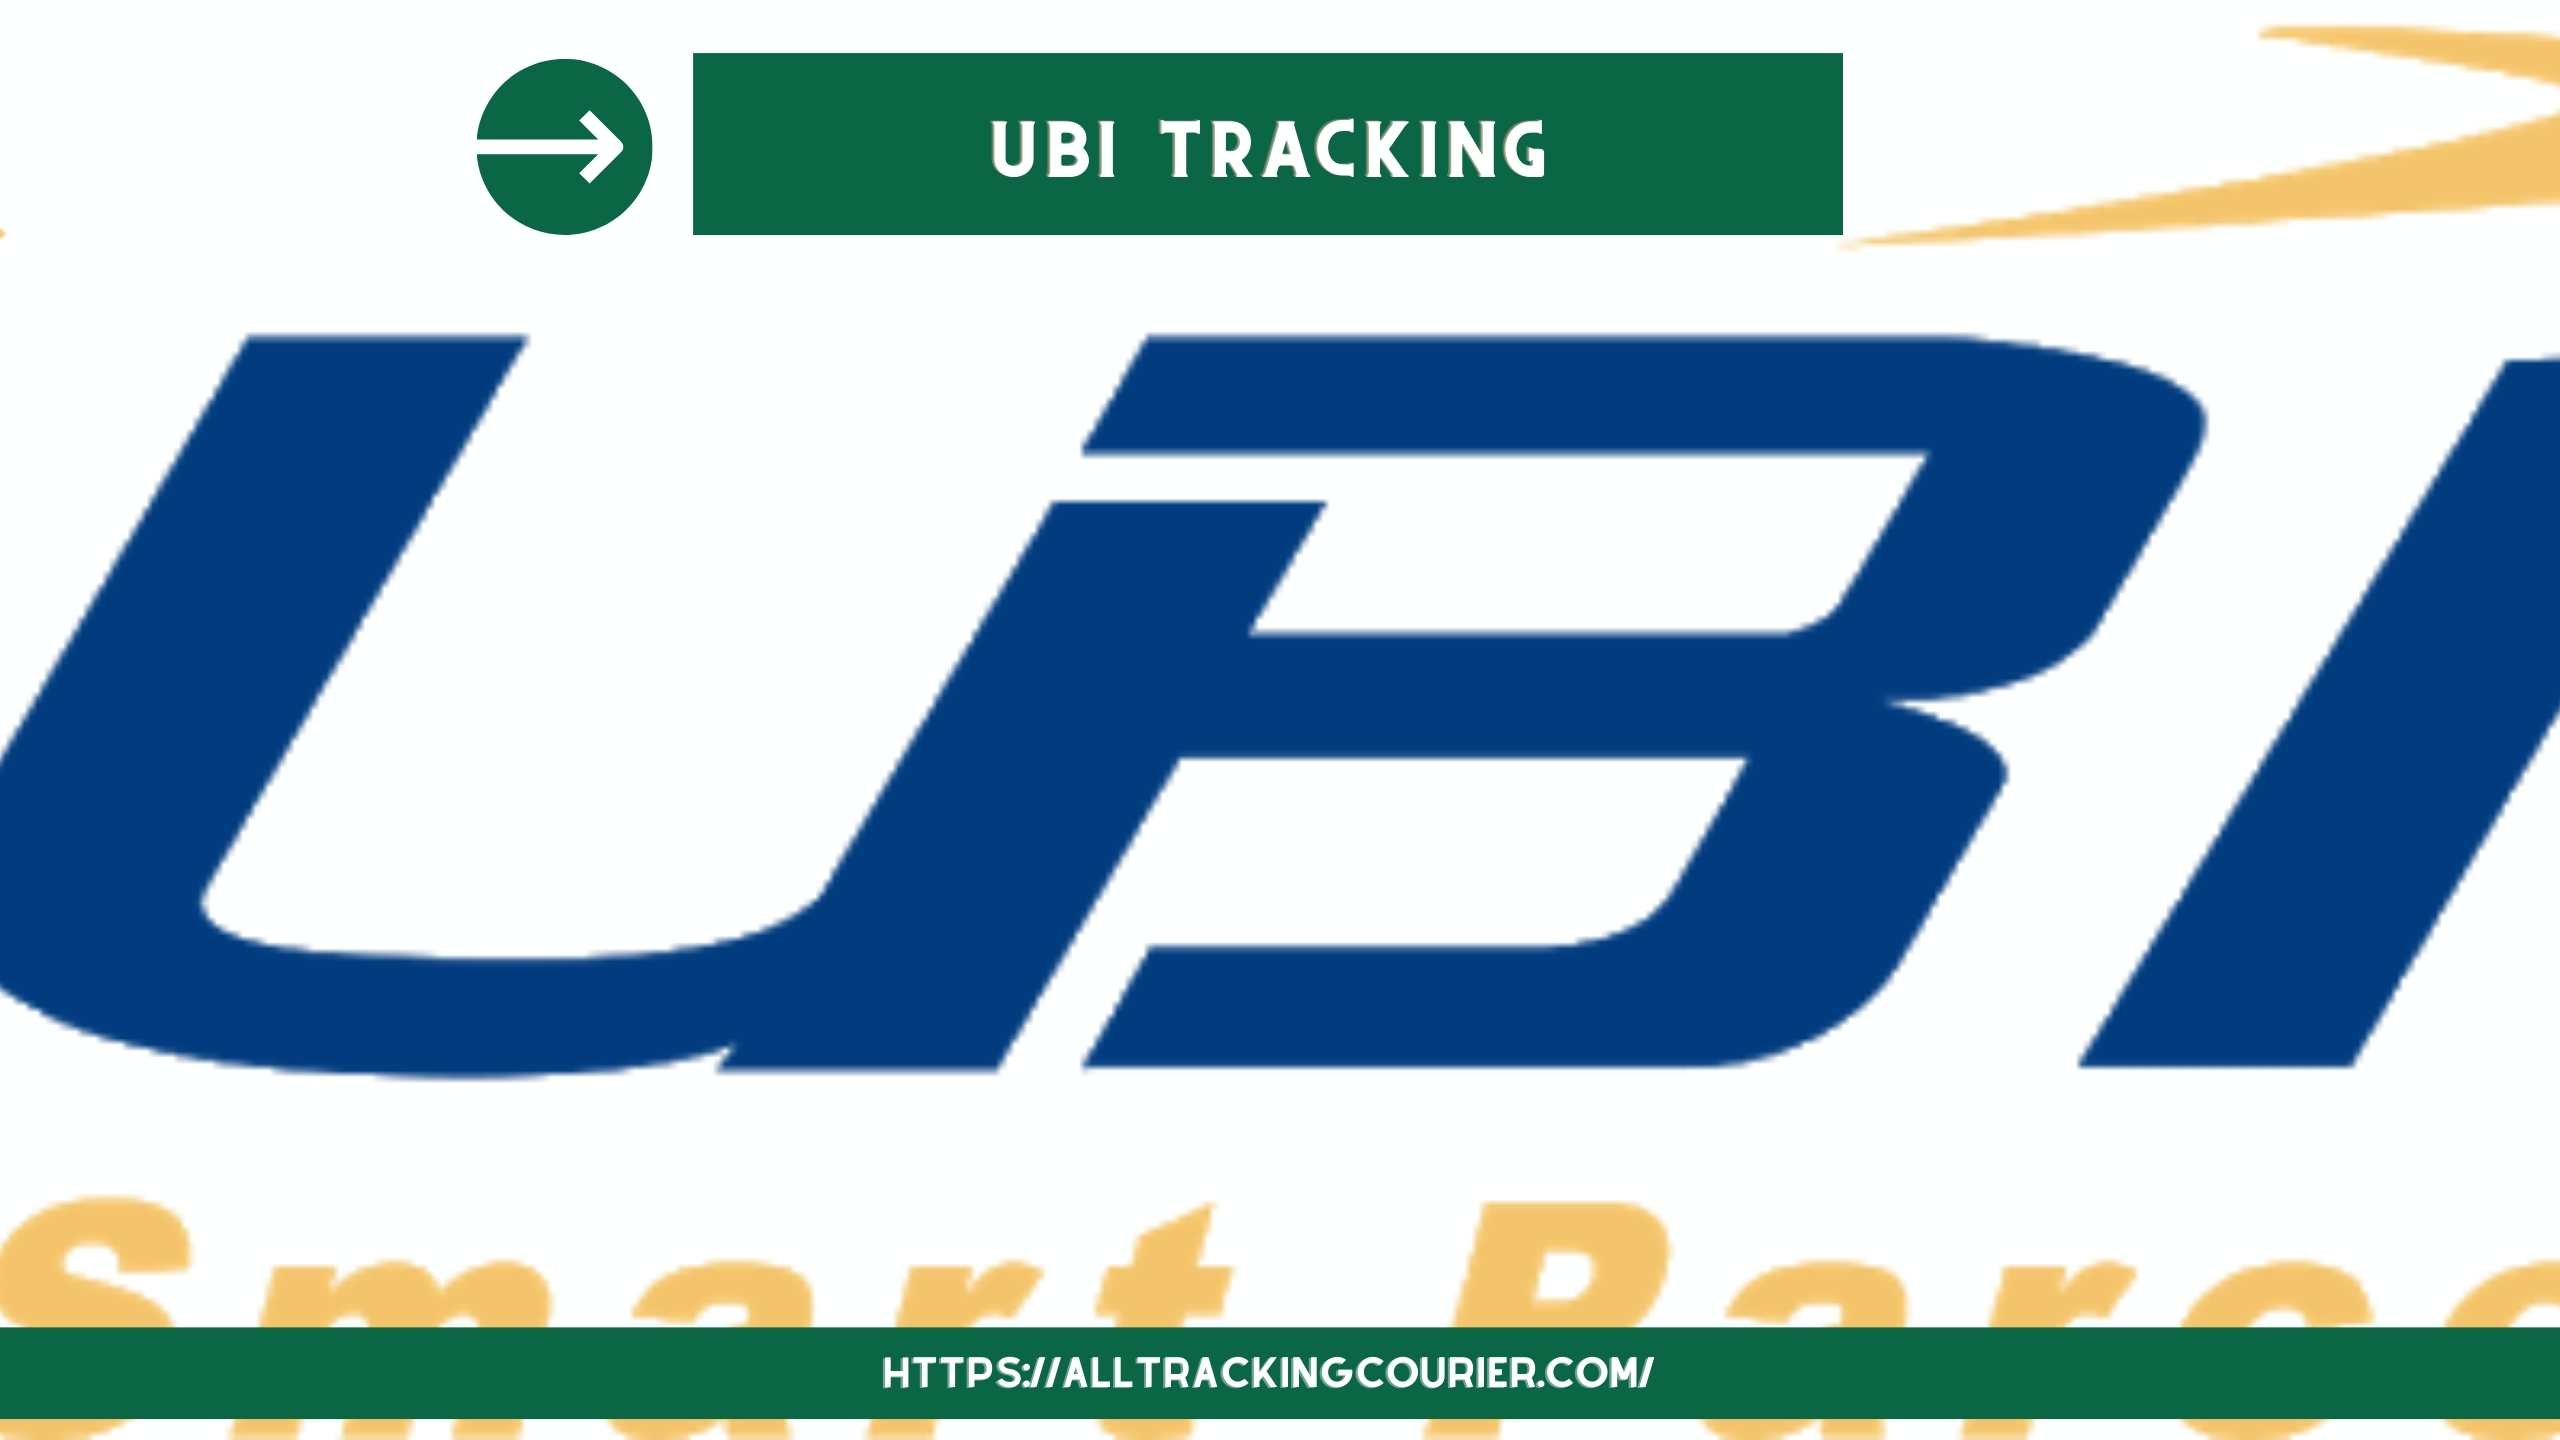 UBI Tracking - Track UBI Smart Parcel Live - Alltrackingcourier